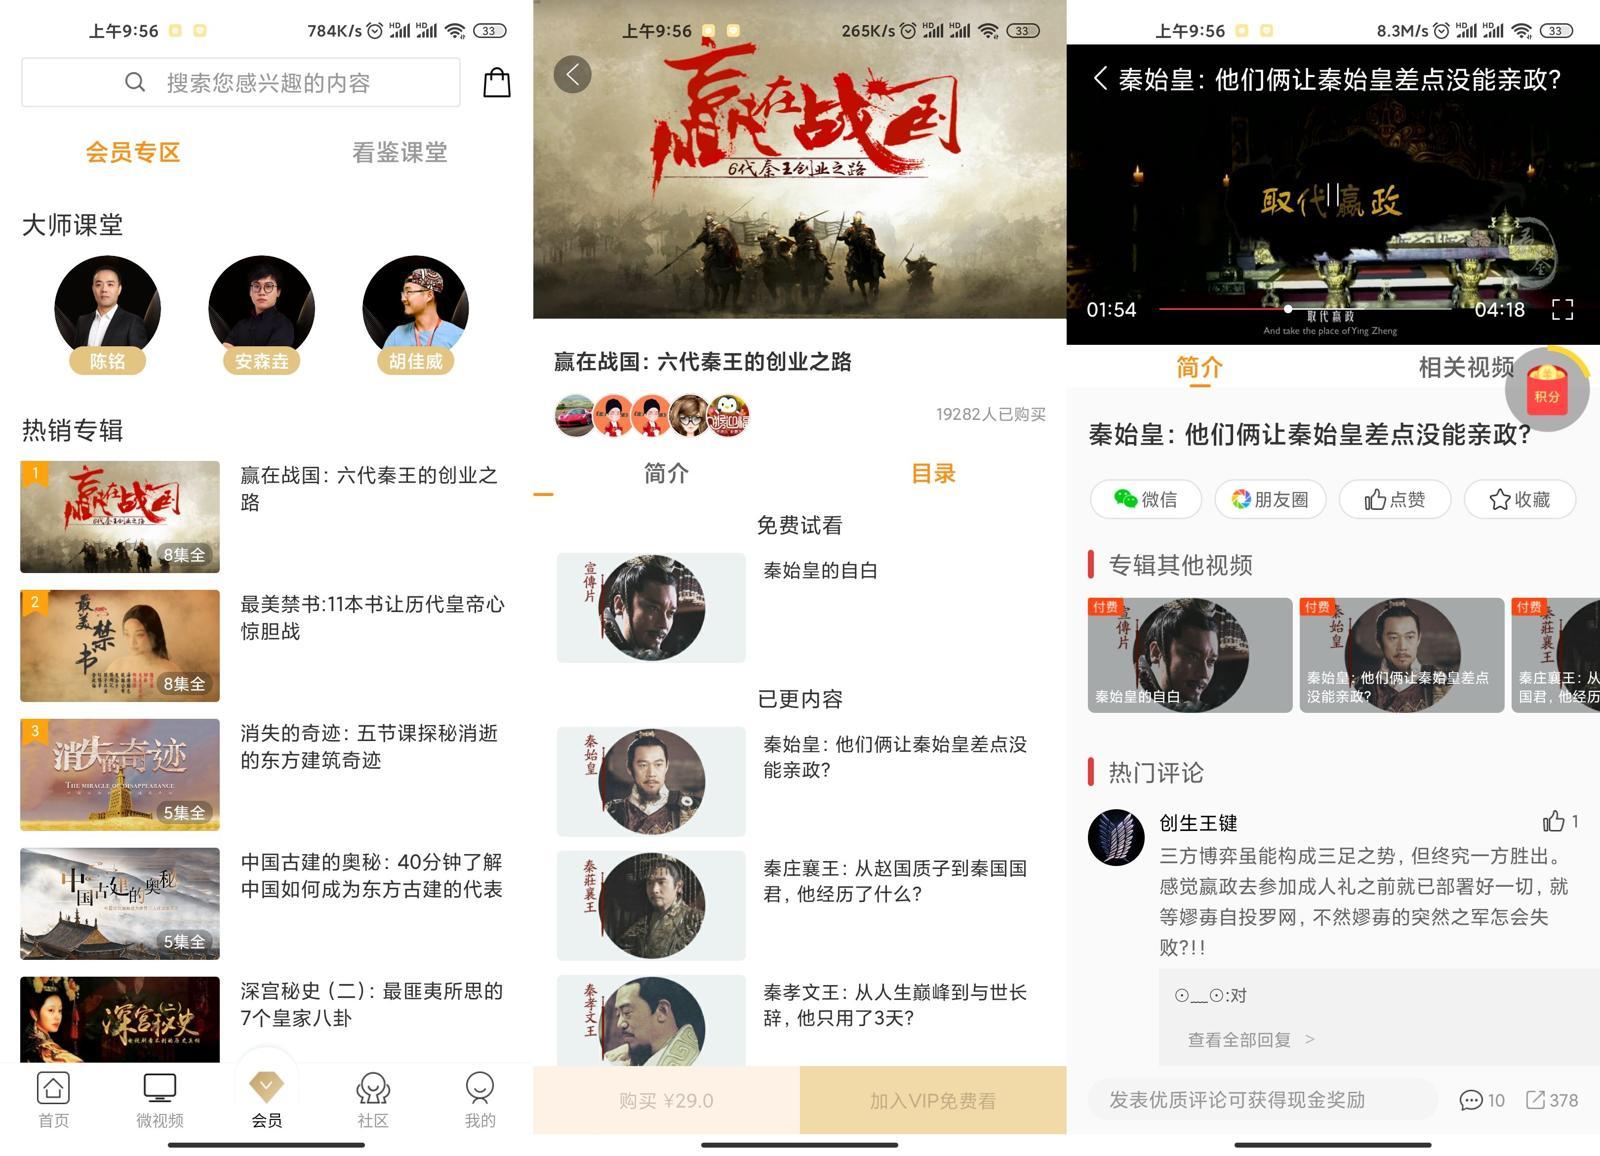 看鉴微视频v9.4.0绿化版app-云奇网